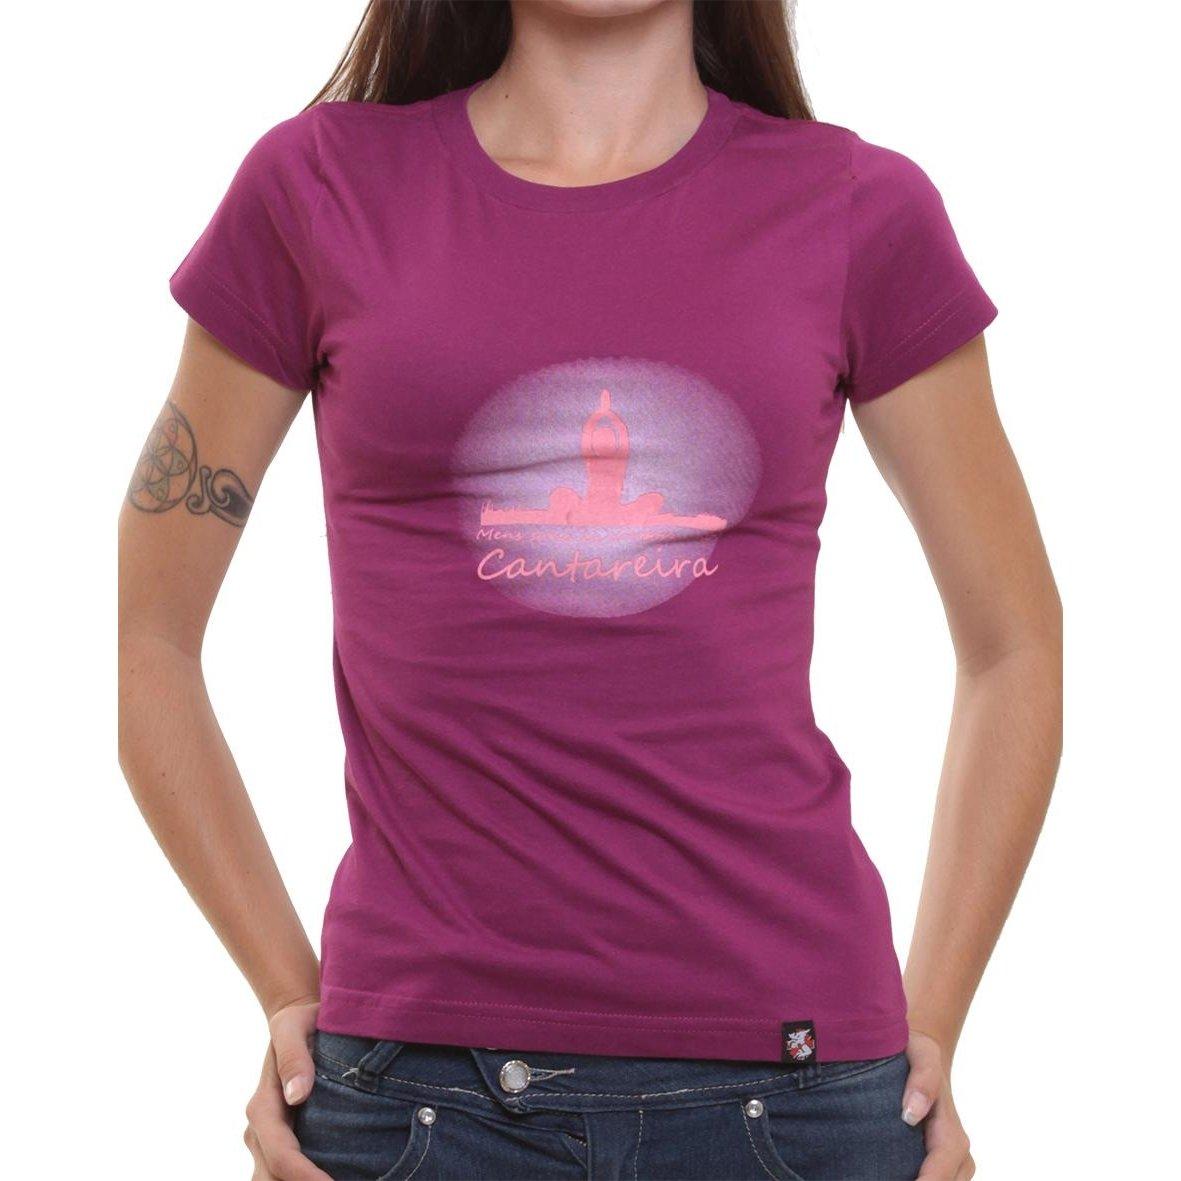 2977816213 Camiseta Feminina Baby Look Oitavo Ato Cantareira Mensana - Compre Agora